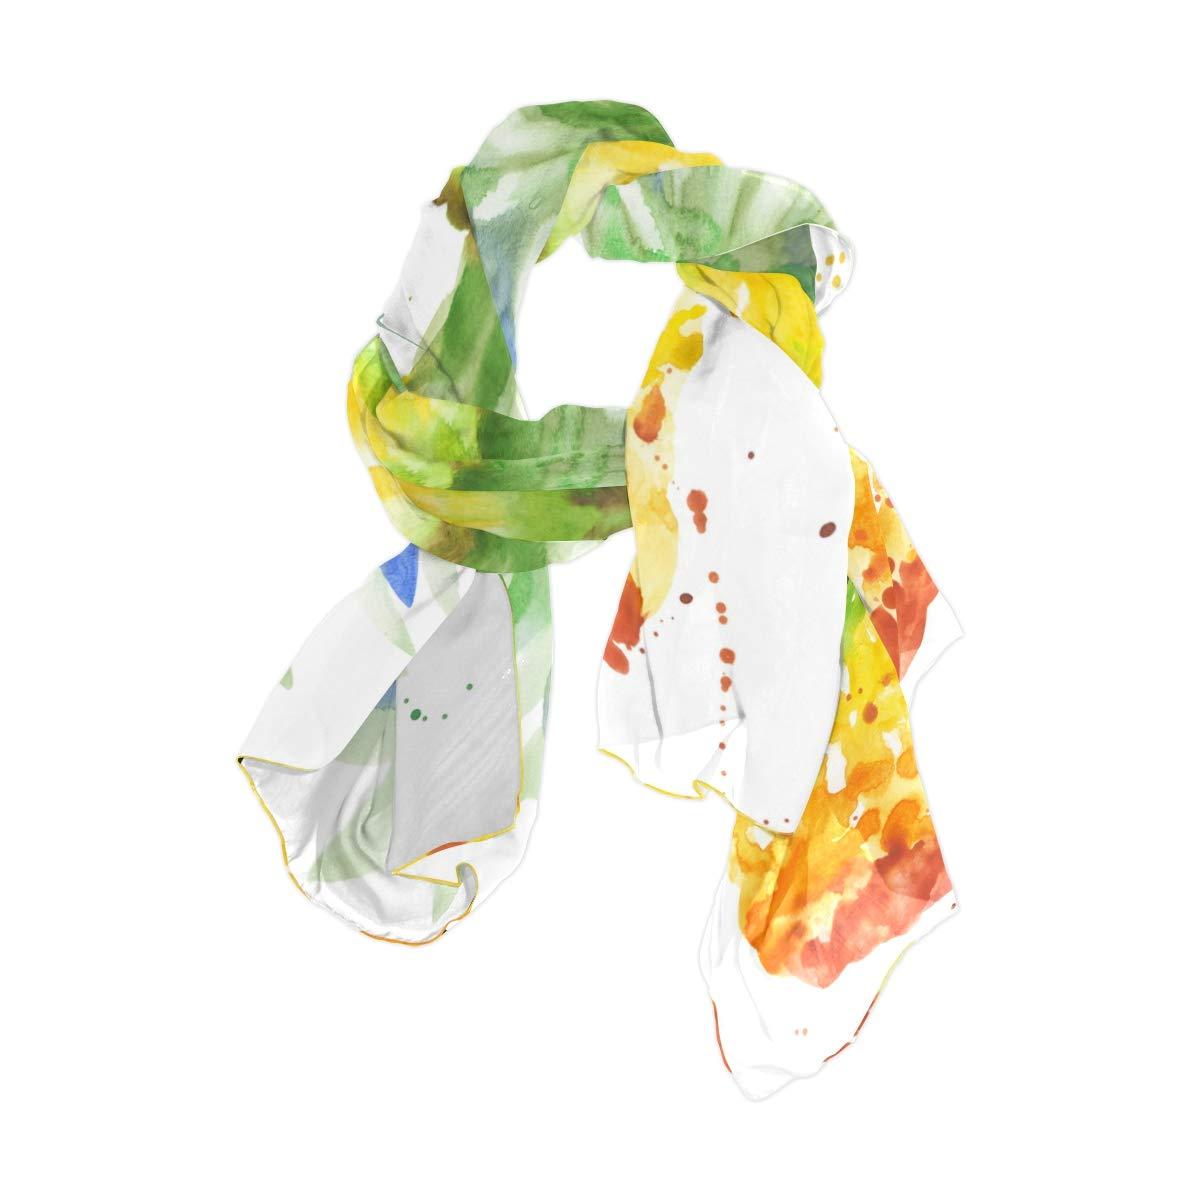 DGYEG44 I Am Fine Printing Scarf Kids Warm Soft Fashion Scarf Shawl For Autumn Winter